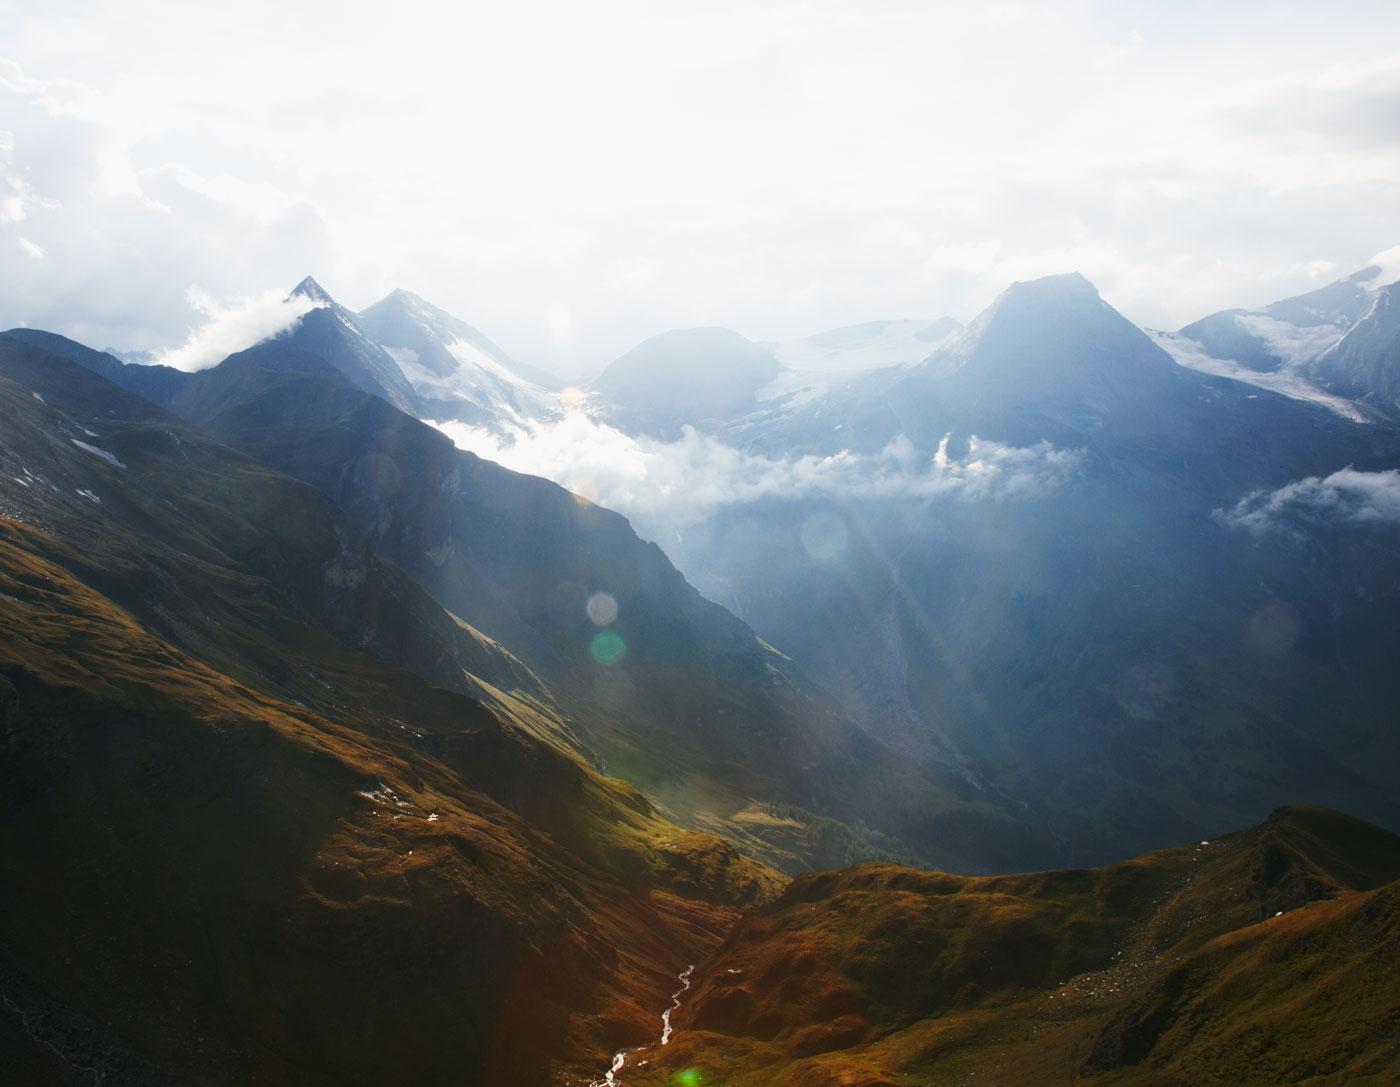 На фотографиях Дэвида Райла попадаешь в прекрасные, а иногда и самые неожиданные места: утренние гор